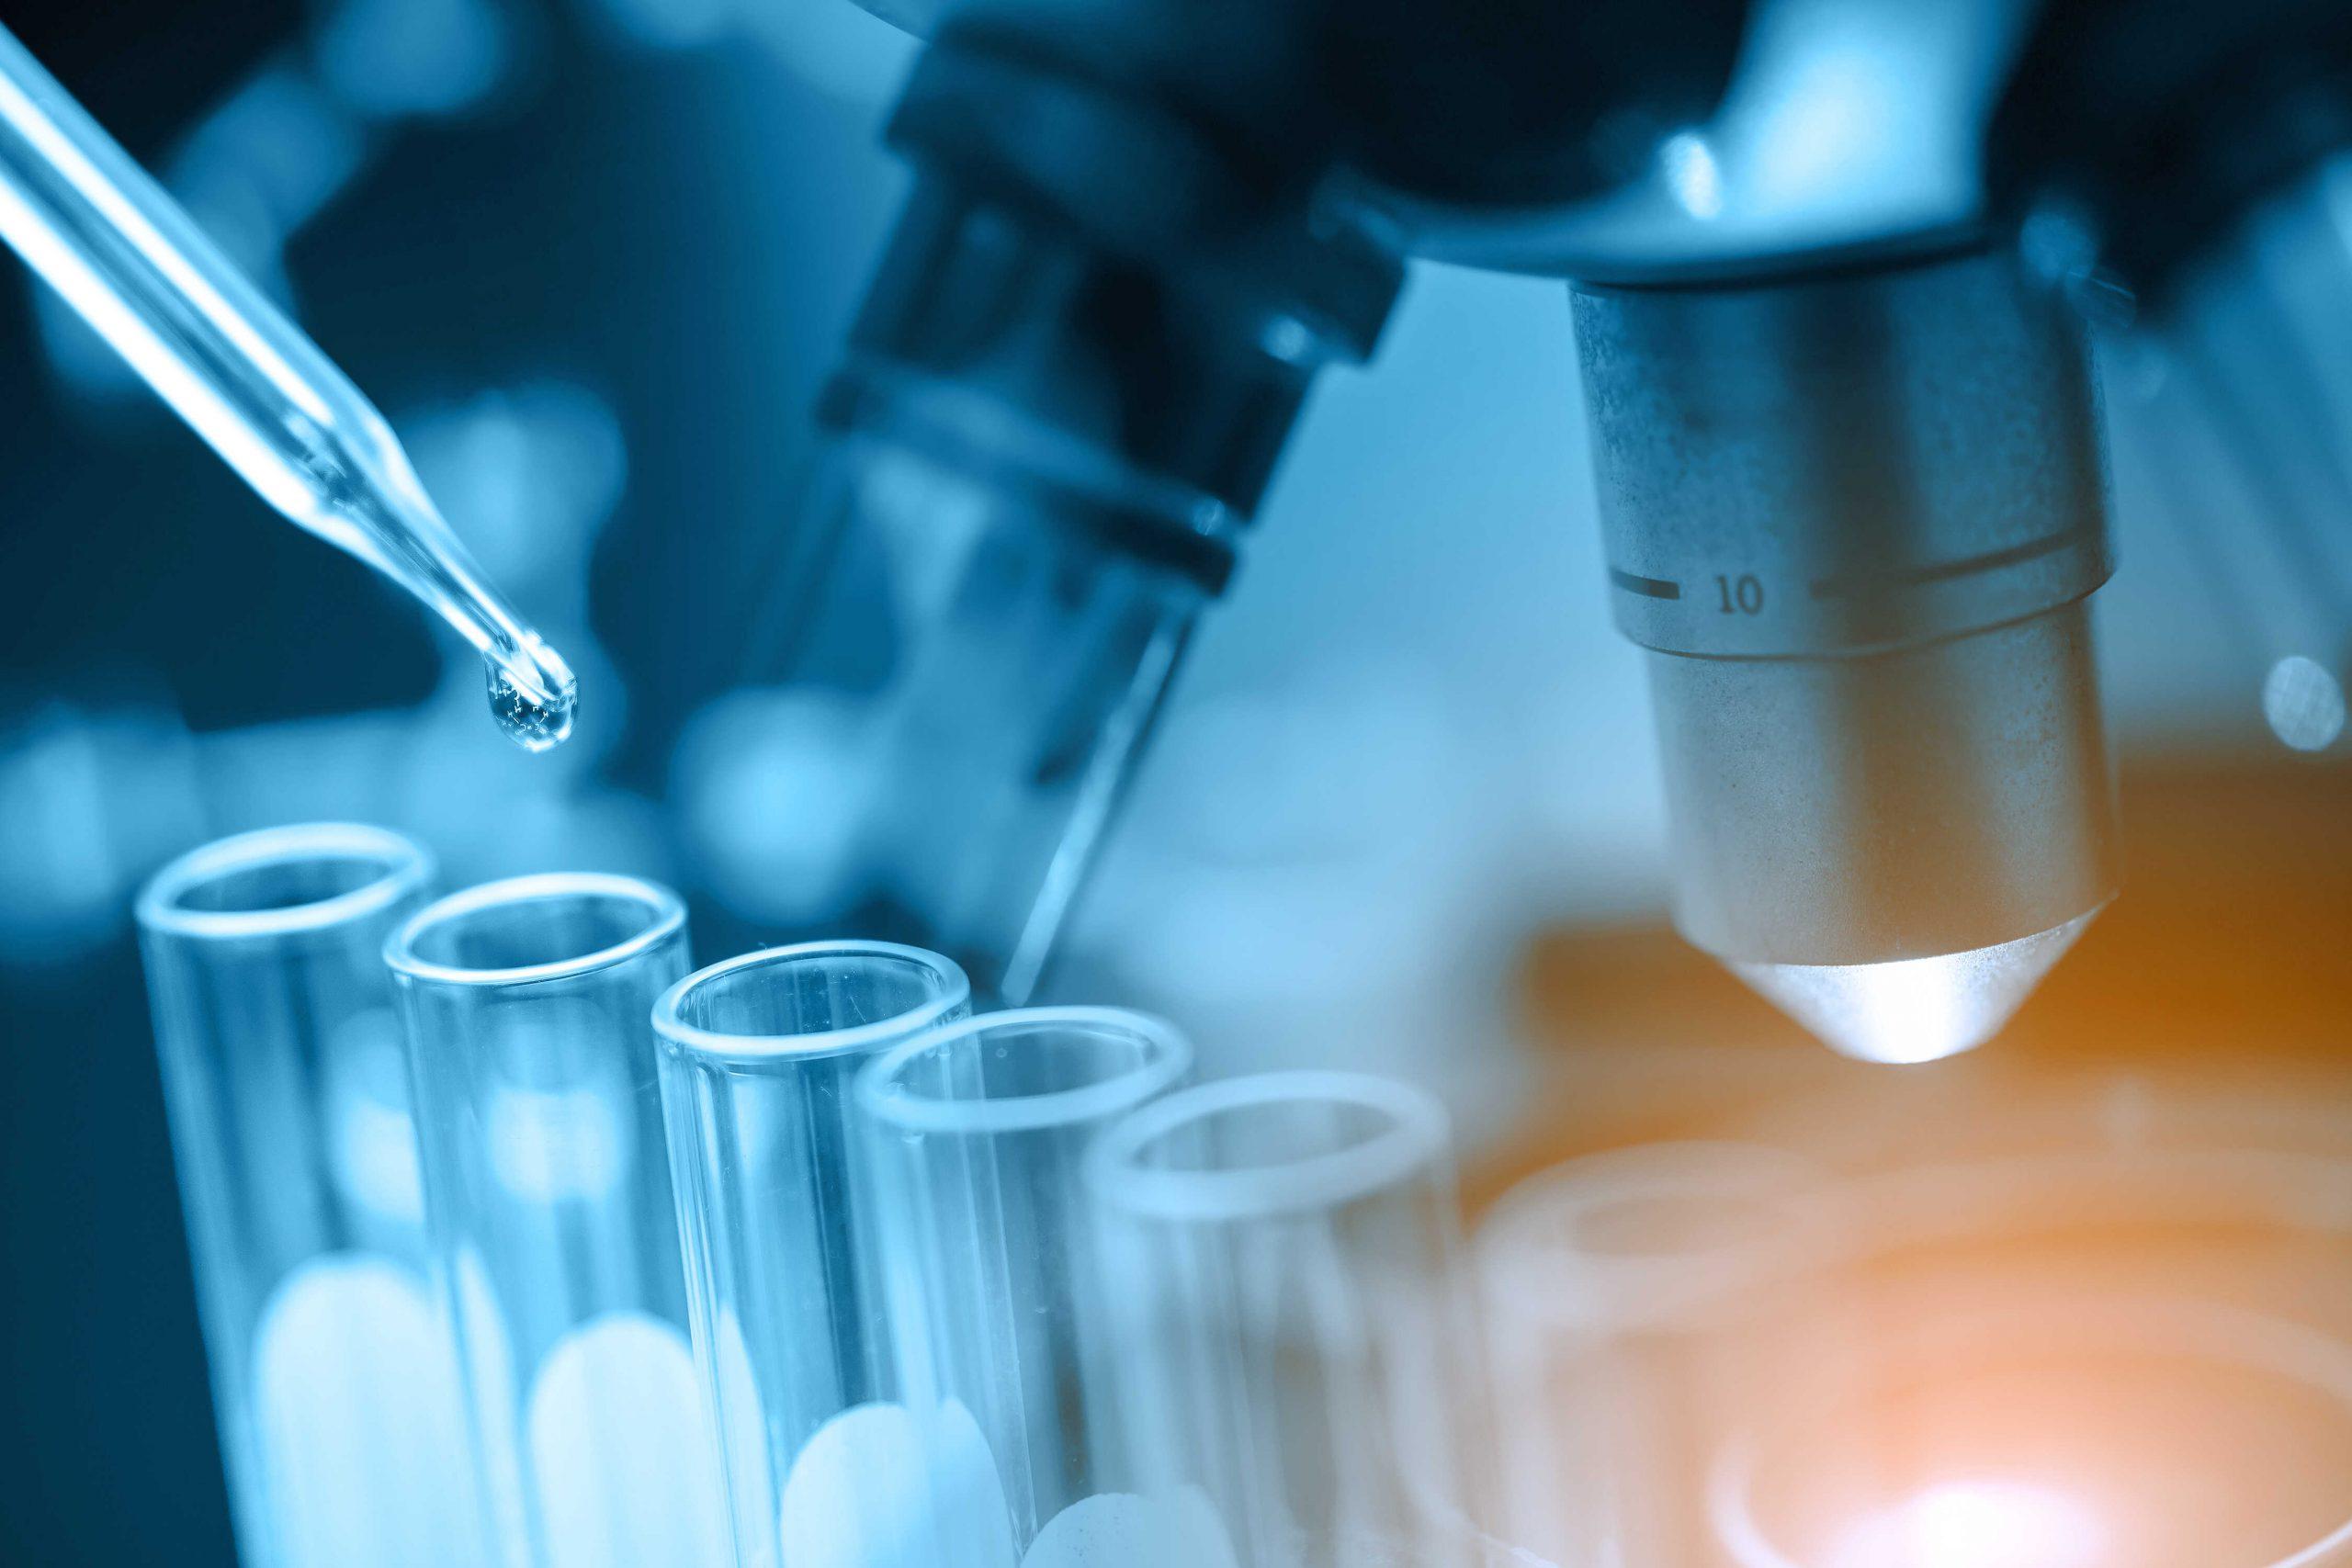 Badania laboratoryjne, na które warto wysłać klienta przed zabiegiem estetycznym